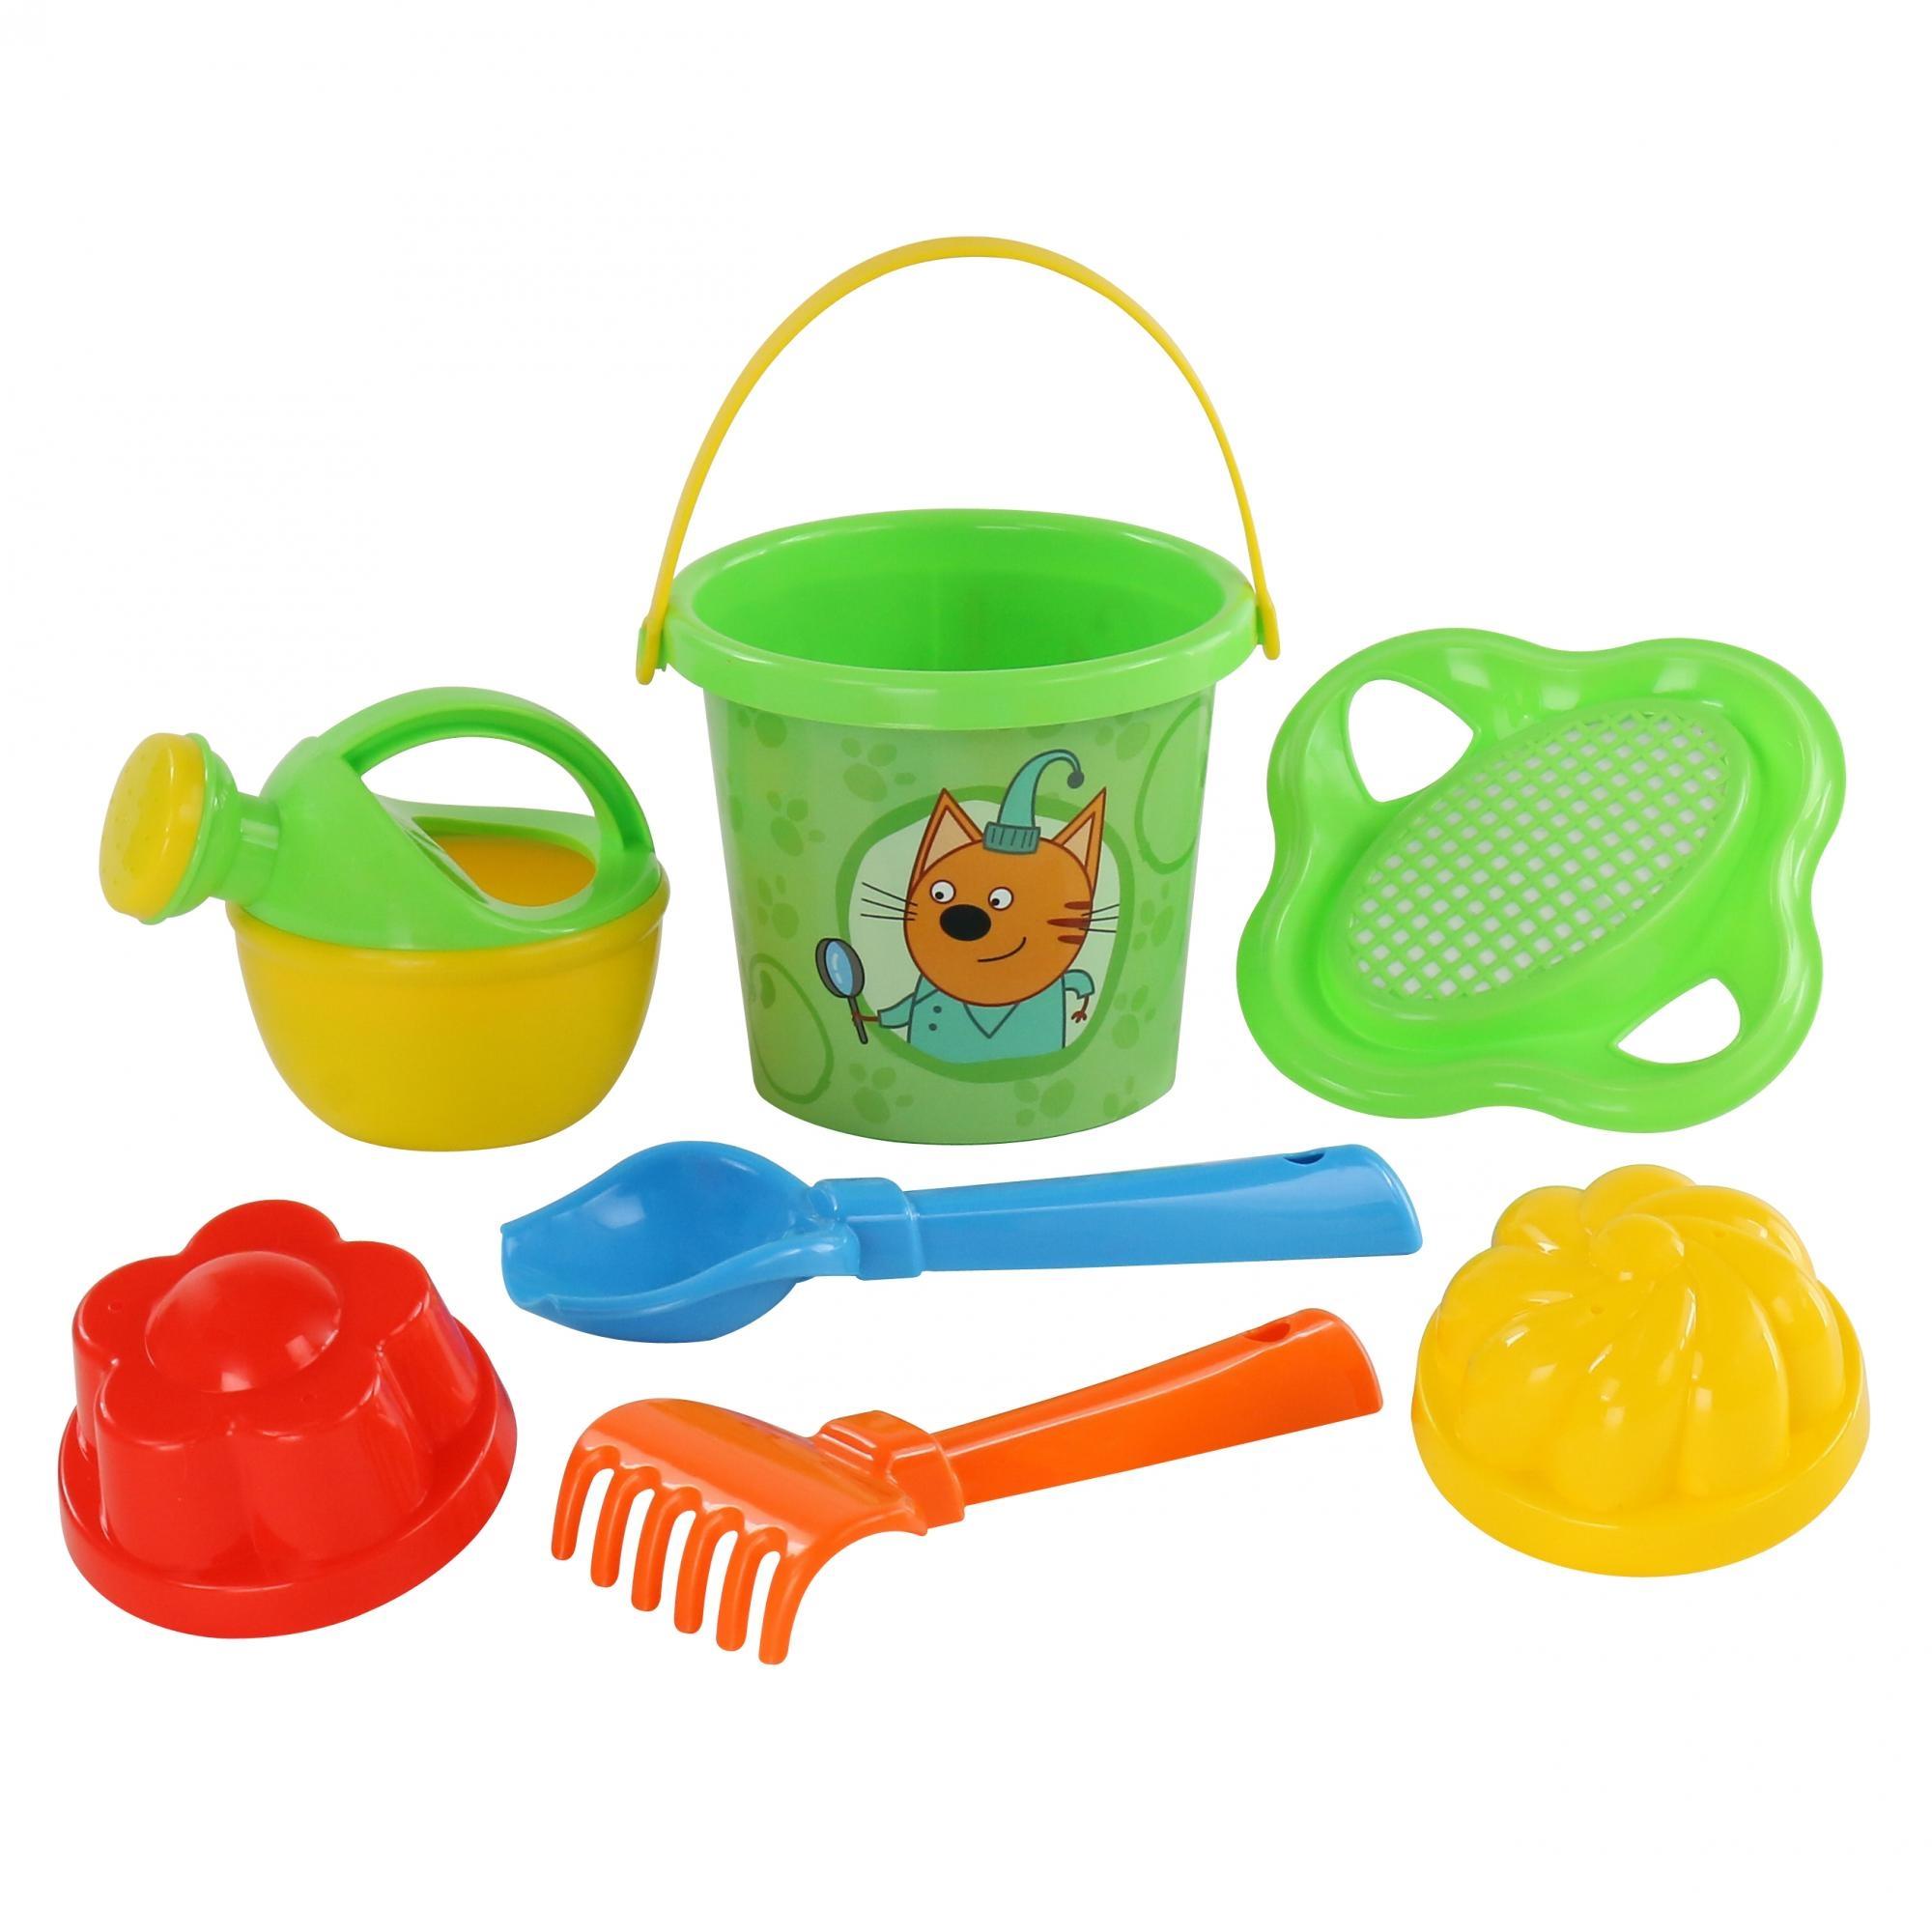 песочный набор grand toys gt8264 ведро совок грабельки ситечко формочка маша формочка медведь Набор для игры с песком POLESIE Три кота, 7 предметов